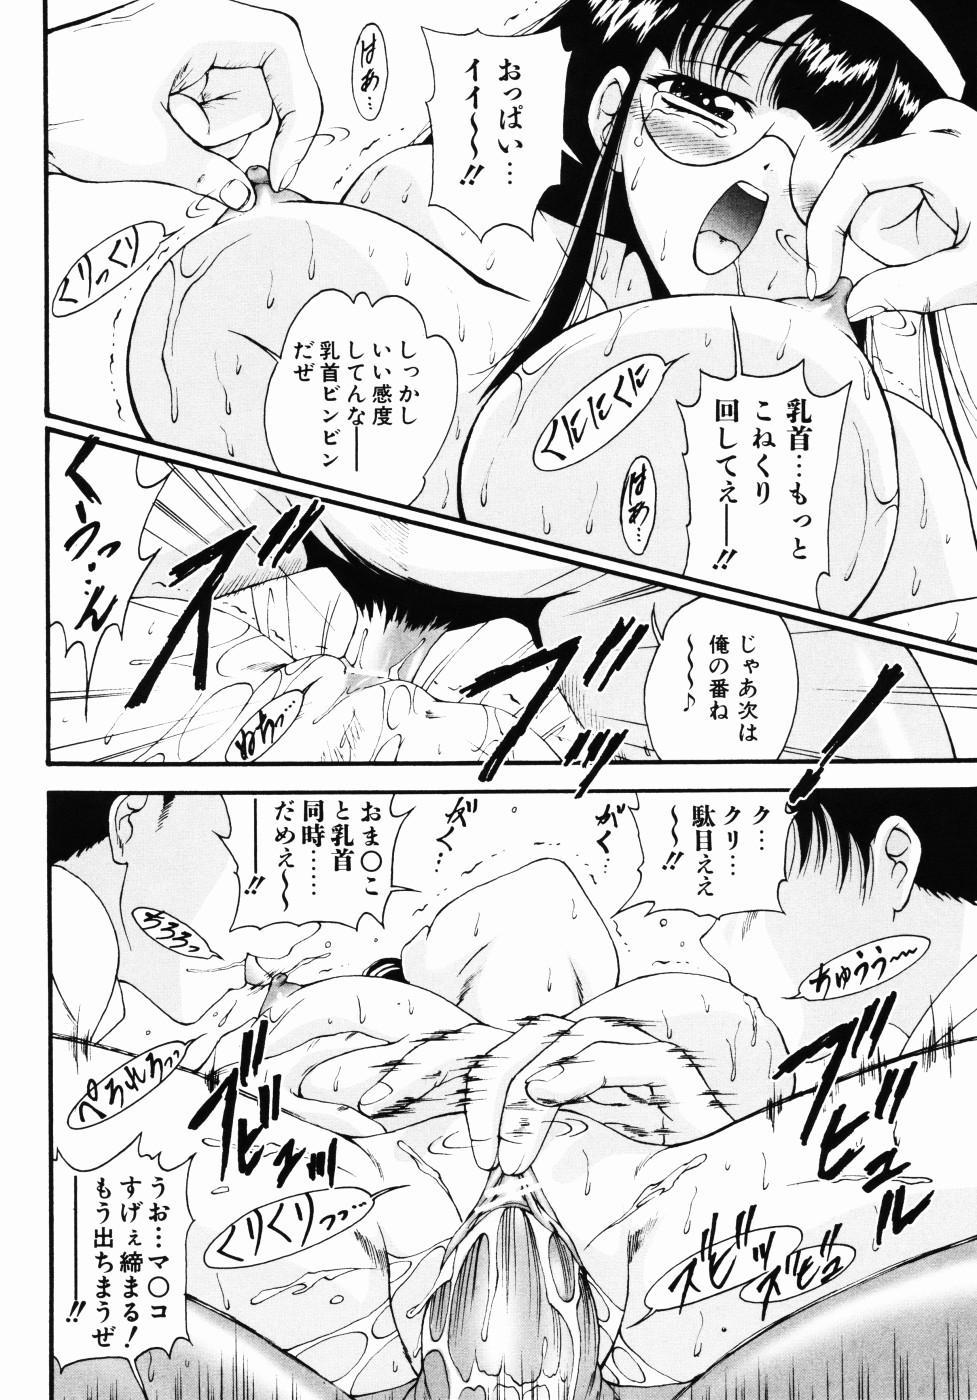 Daikyou Megami 42